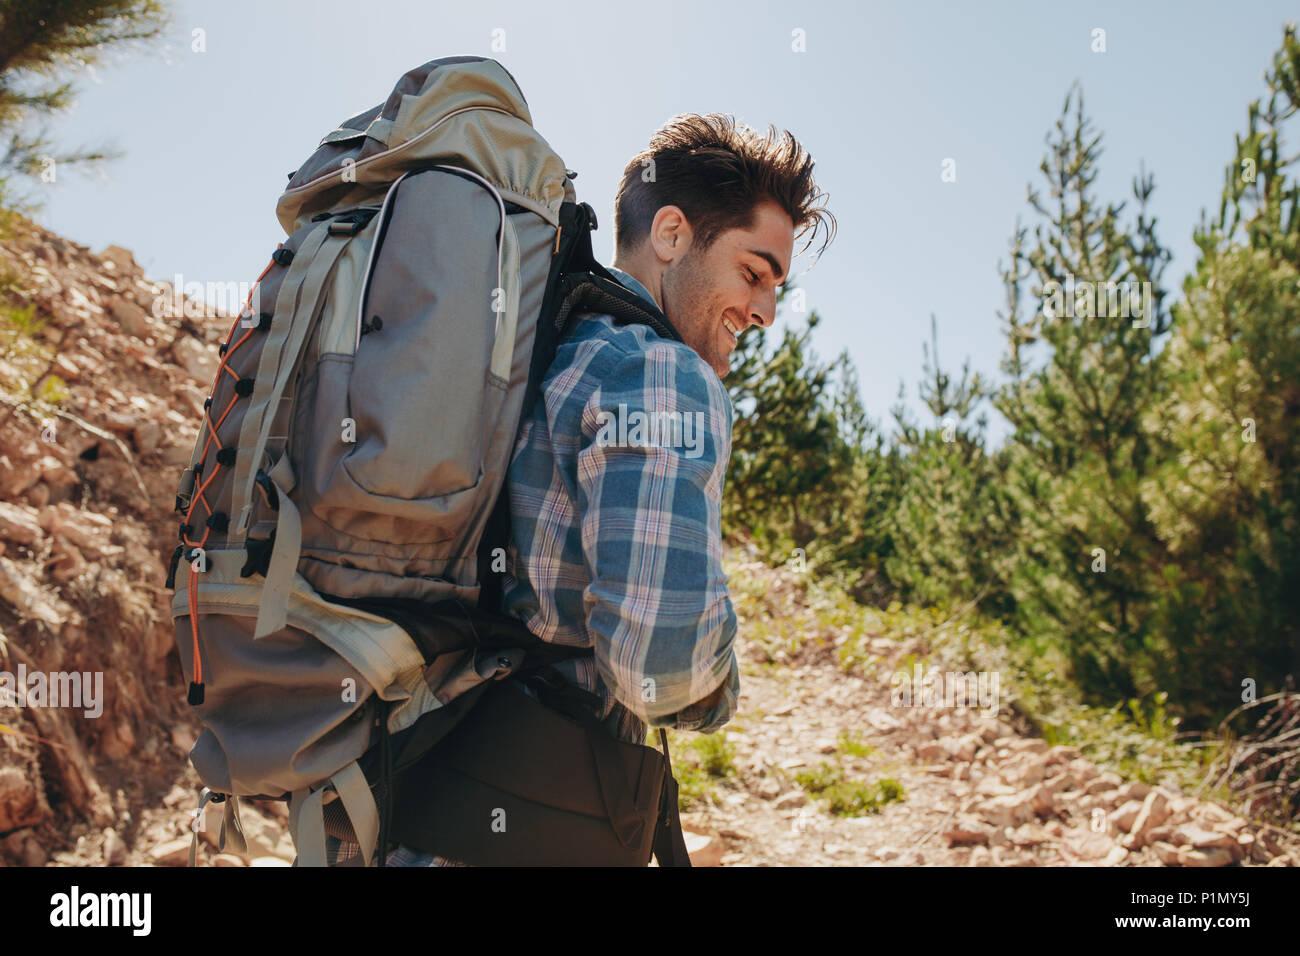 Vue arrière shot of young guy avec sac à dos randonnée sur les montagnes. Caucasian male hiker randonnée de montagne. Photo Stock